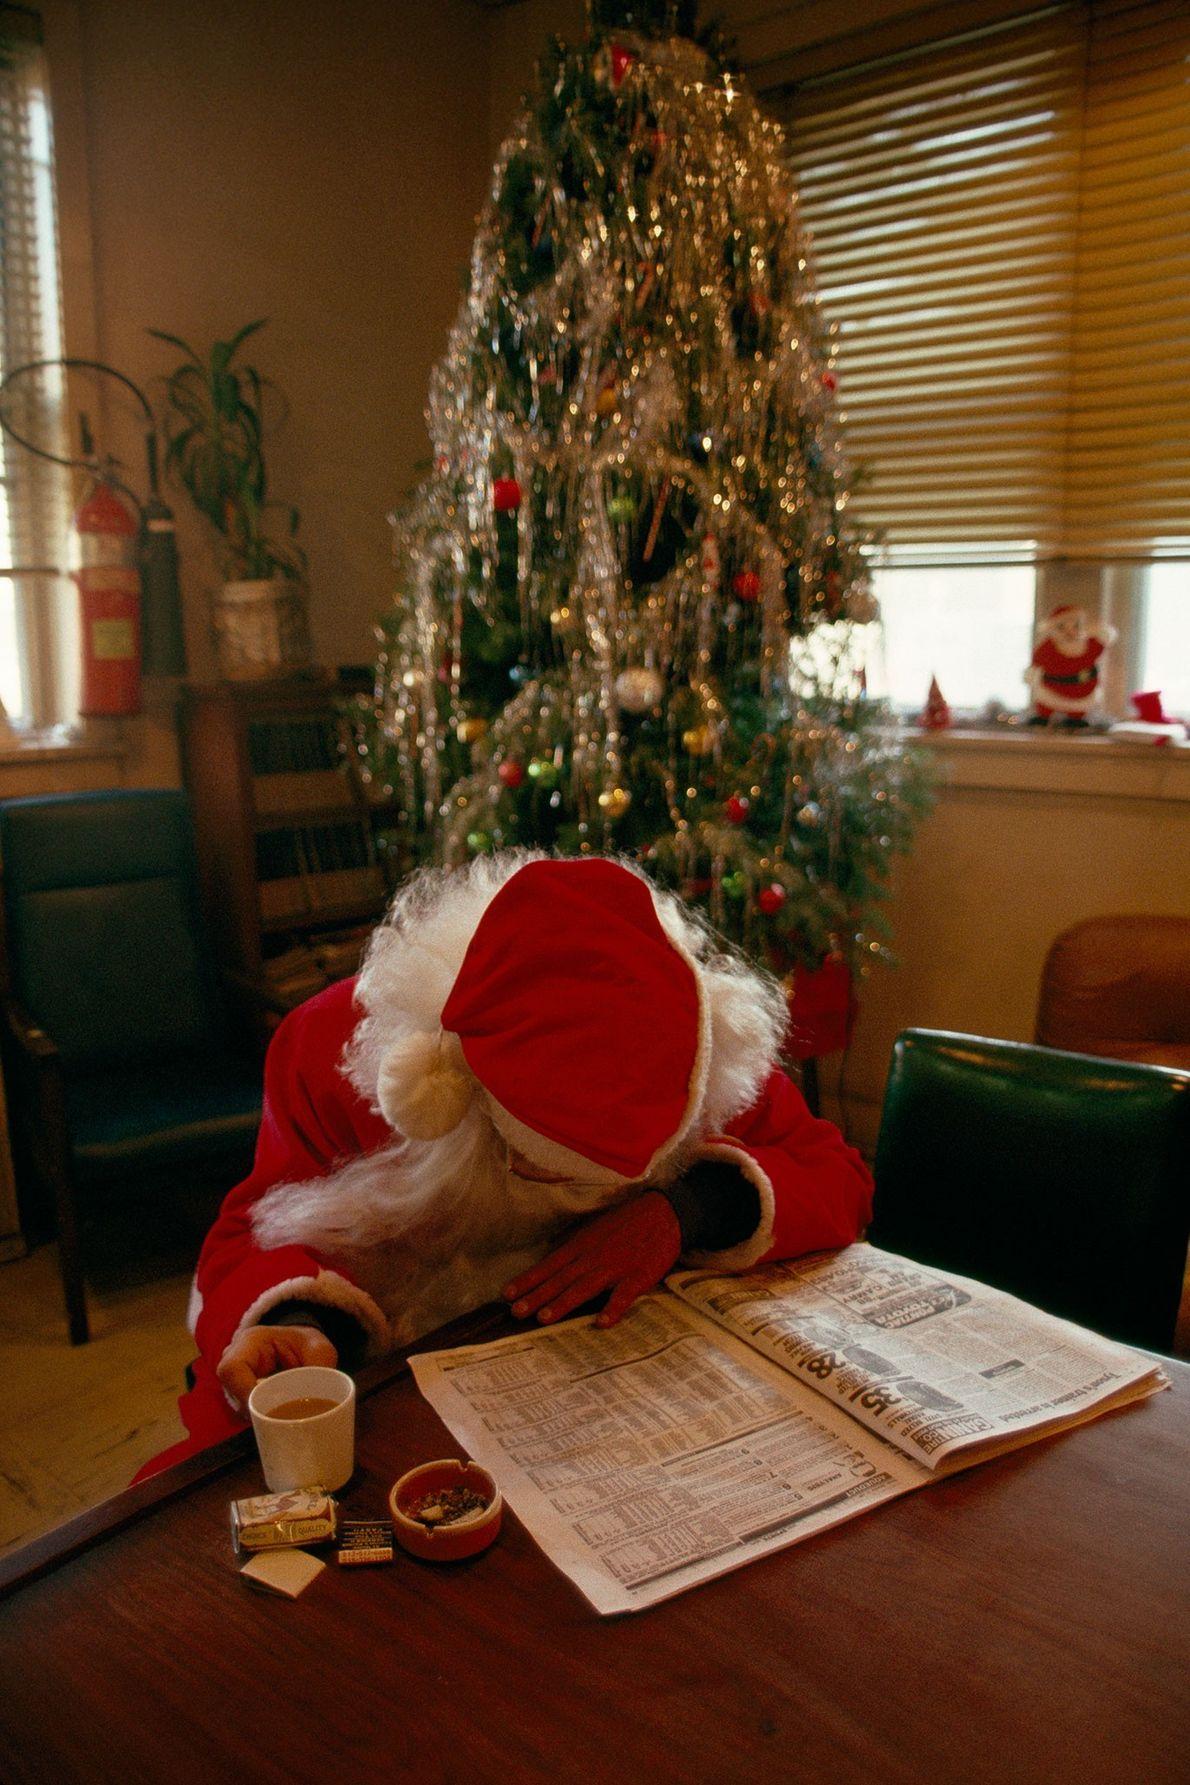 Santa Claus lee el periódico